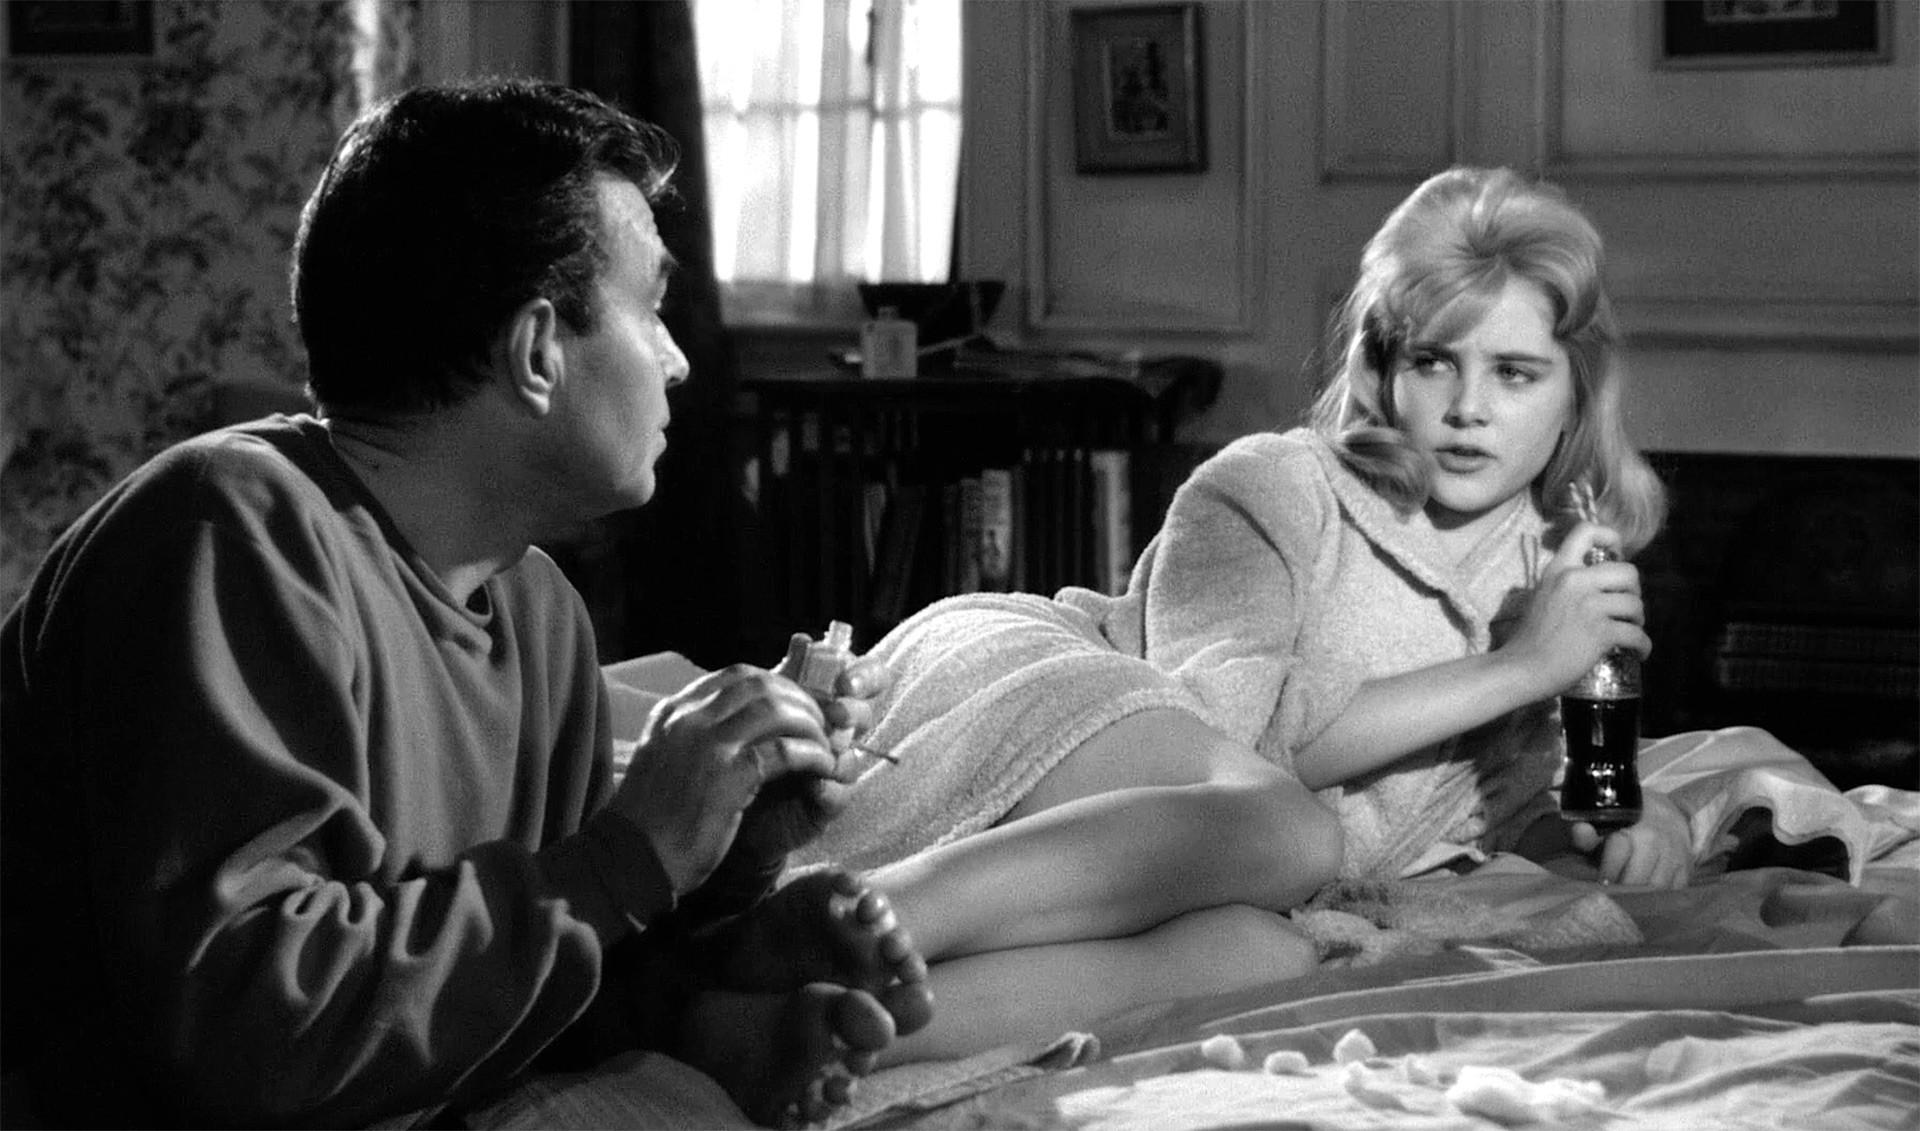 Fotograma de la película 'Lolita' de Stenley Kubrick (1962), basada en la novela de Nabókov.